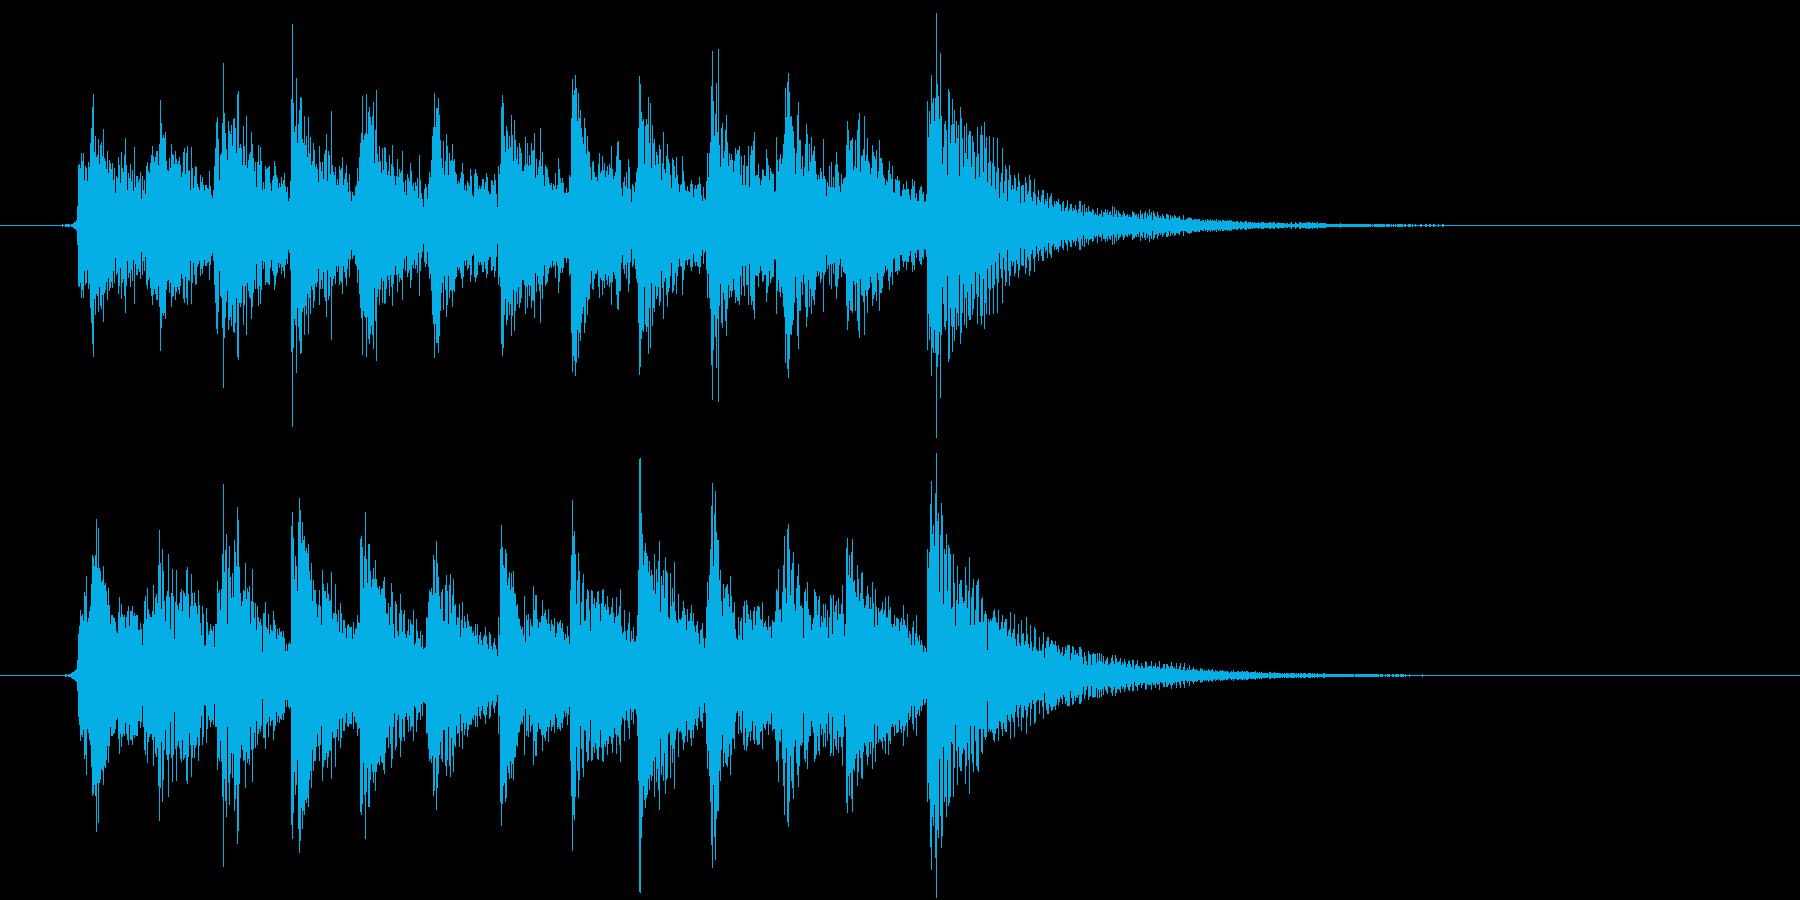 生演奏:軽快感のあるピチカート&ピアノの再生済みの波形